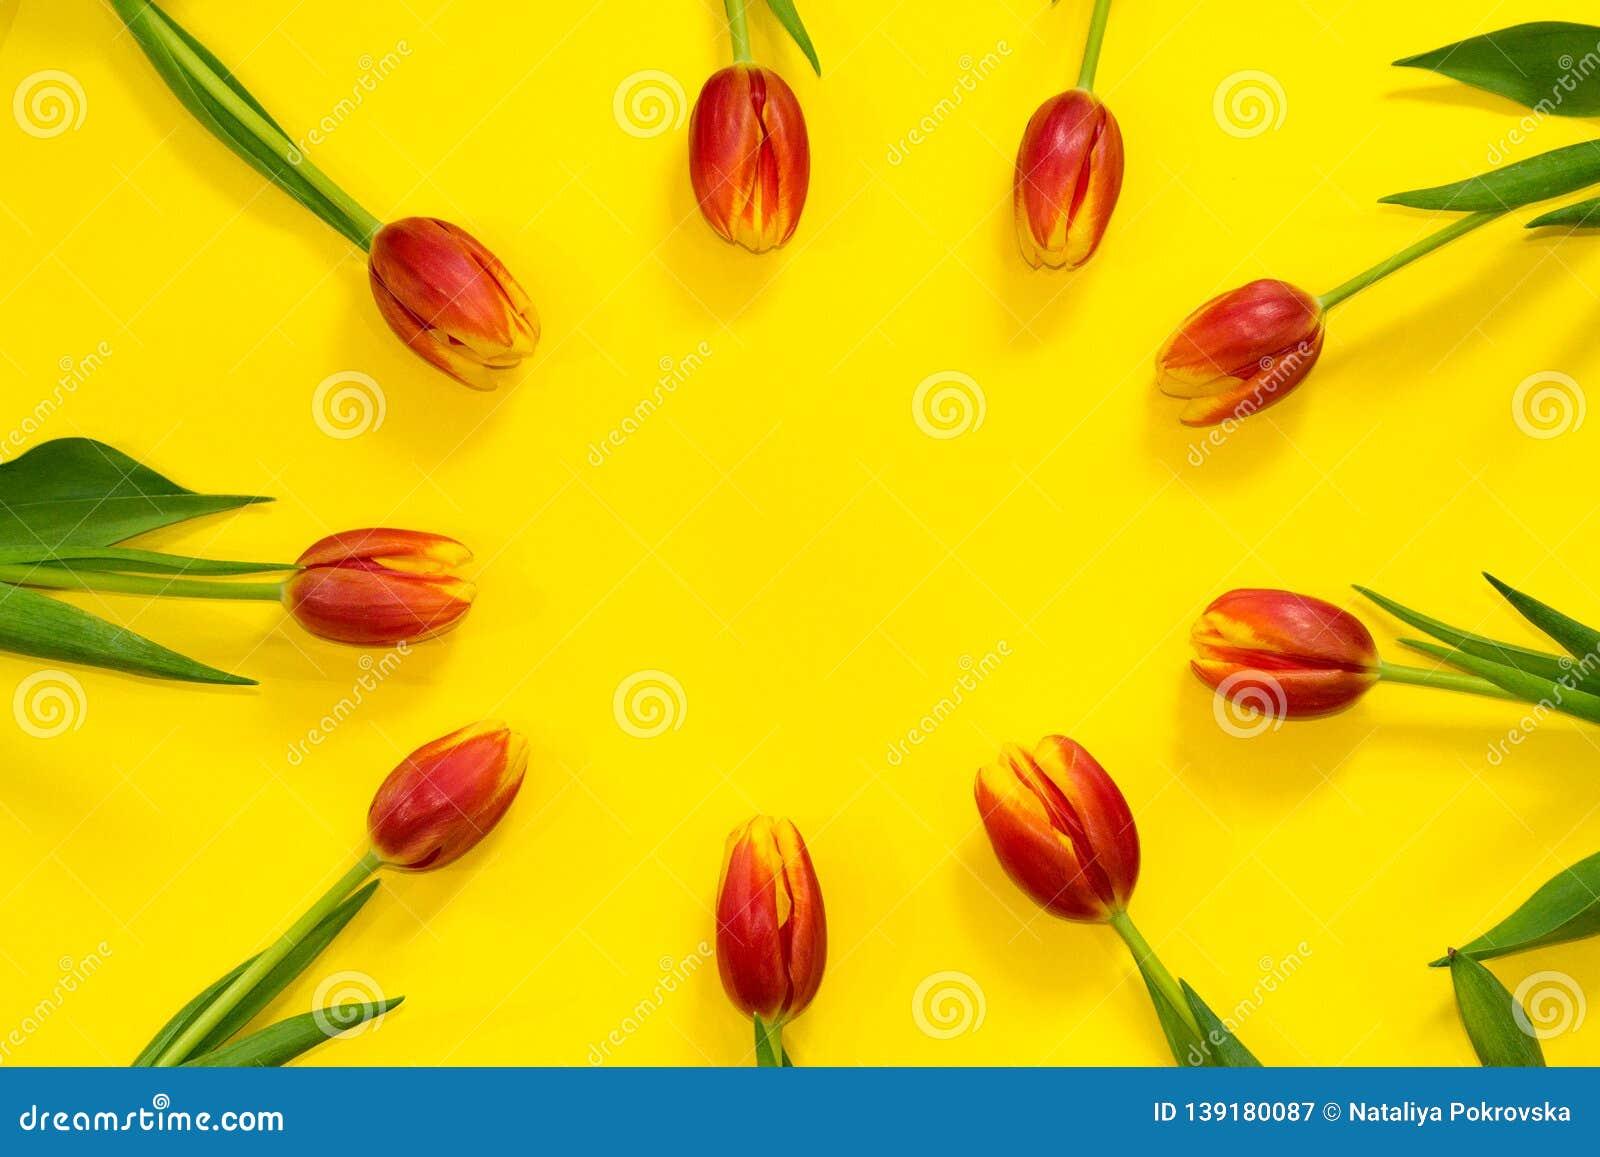 Флористическая красная рамка тюльпана на яркой желтой предпосылке с космосом экземпляра в центре Здравствуйте! весна концепция по